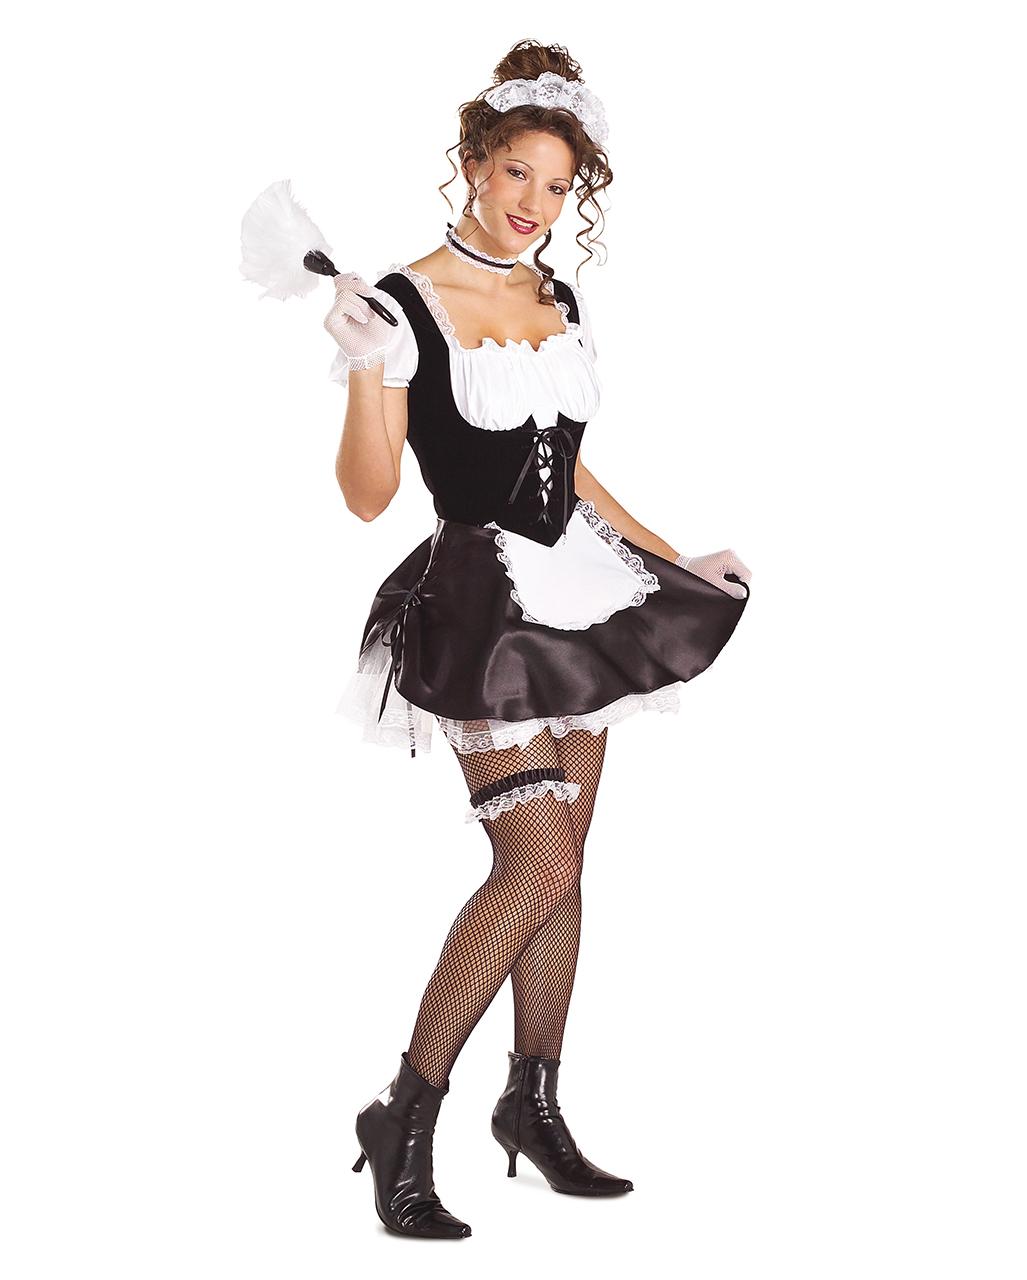 Hausmadchen Outfit Lass Mit Dem Magd Kleid Deine Phantasie Spielen